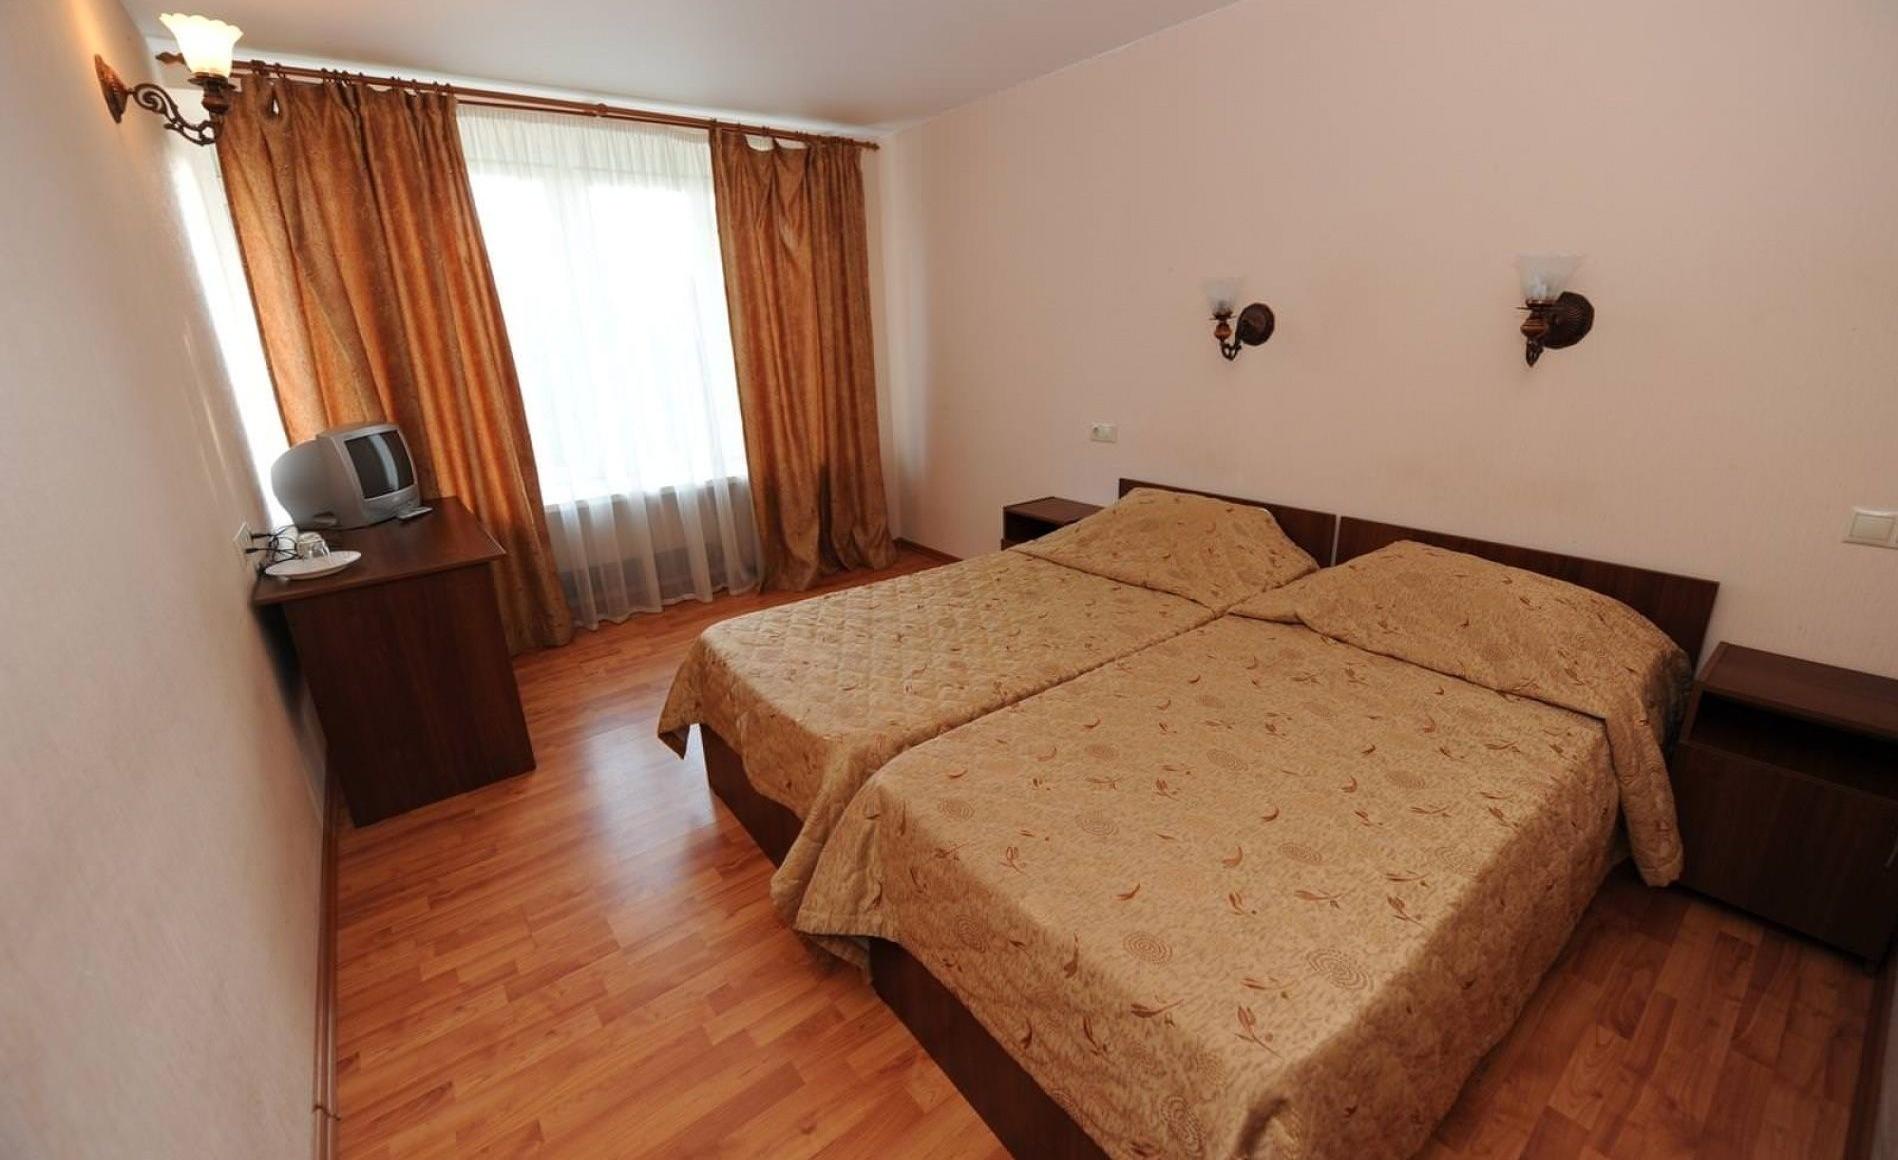 Дом отдыха «Компонент» Московская область Номер «Комфорт» 2-местный (корпус №1,2), фото 1